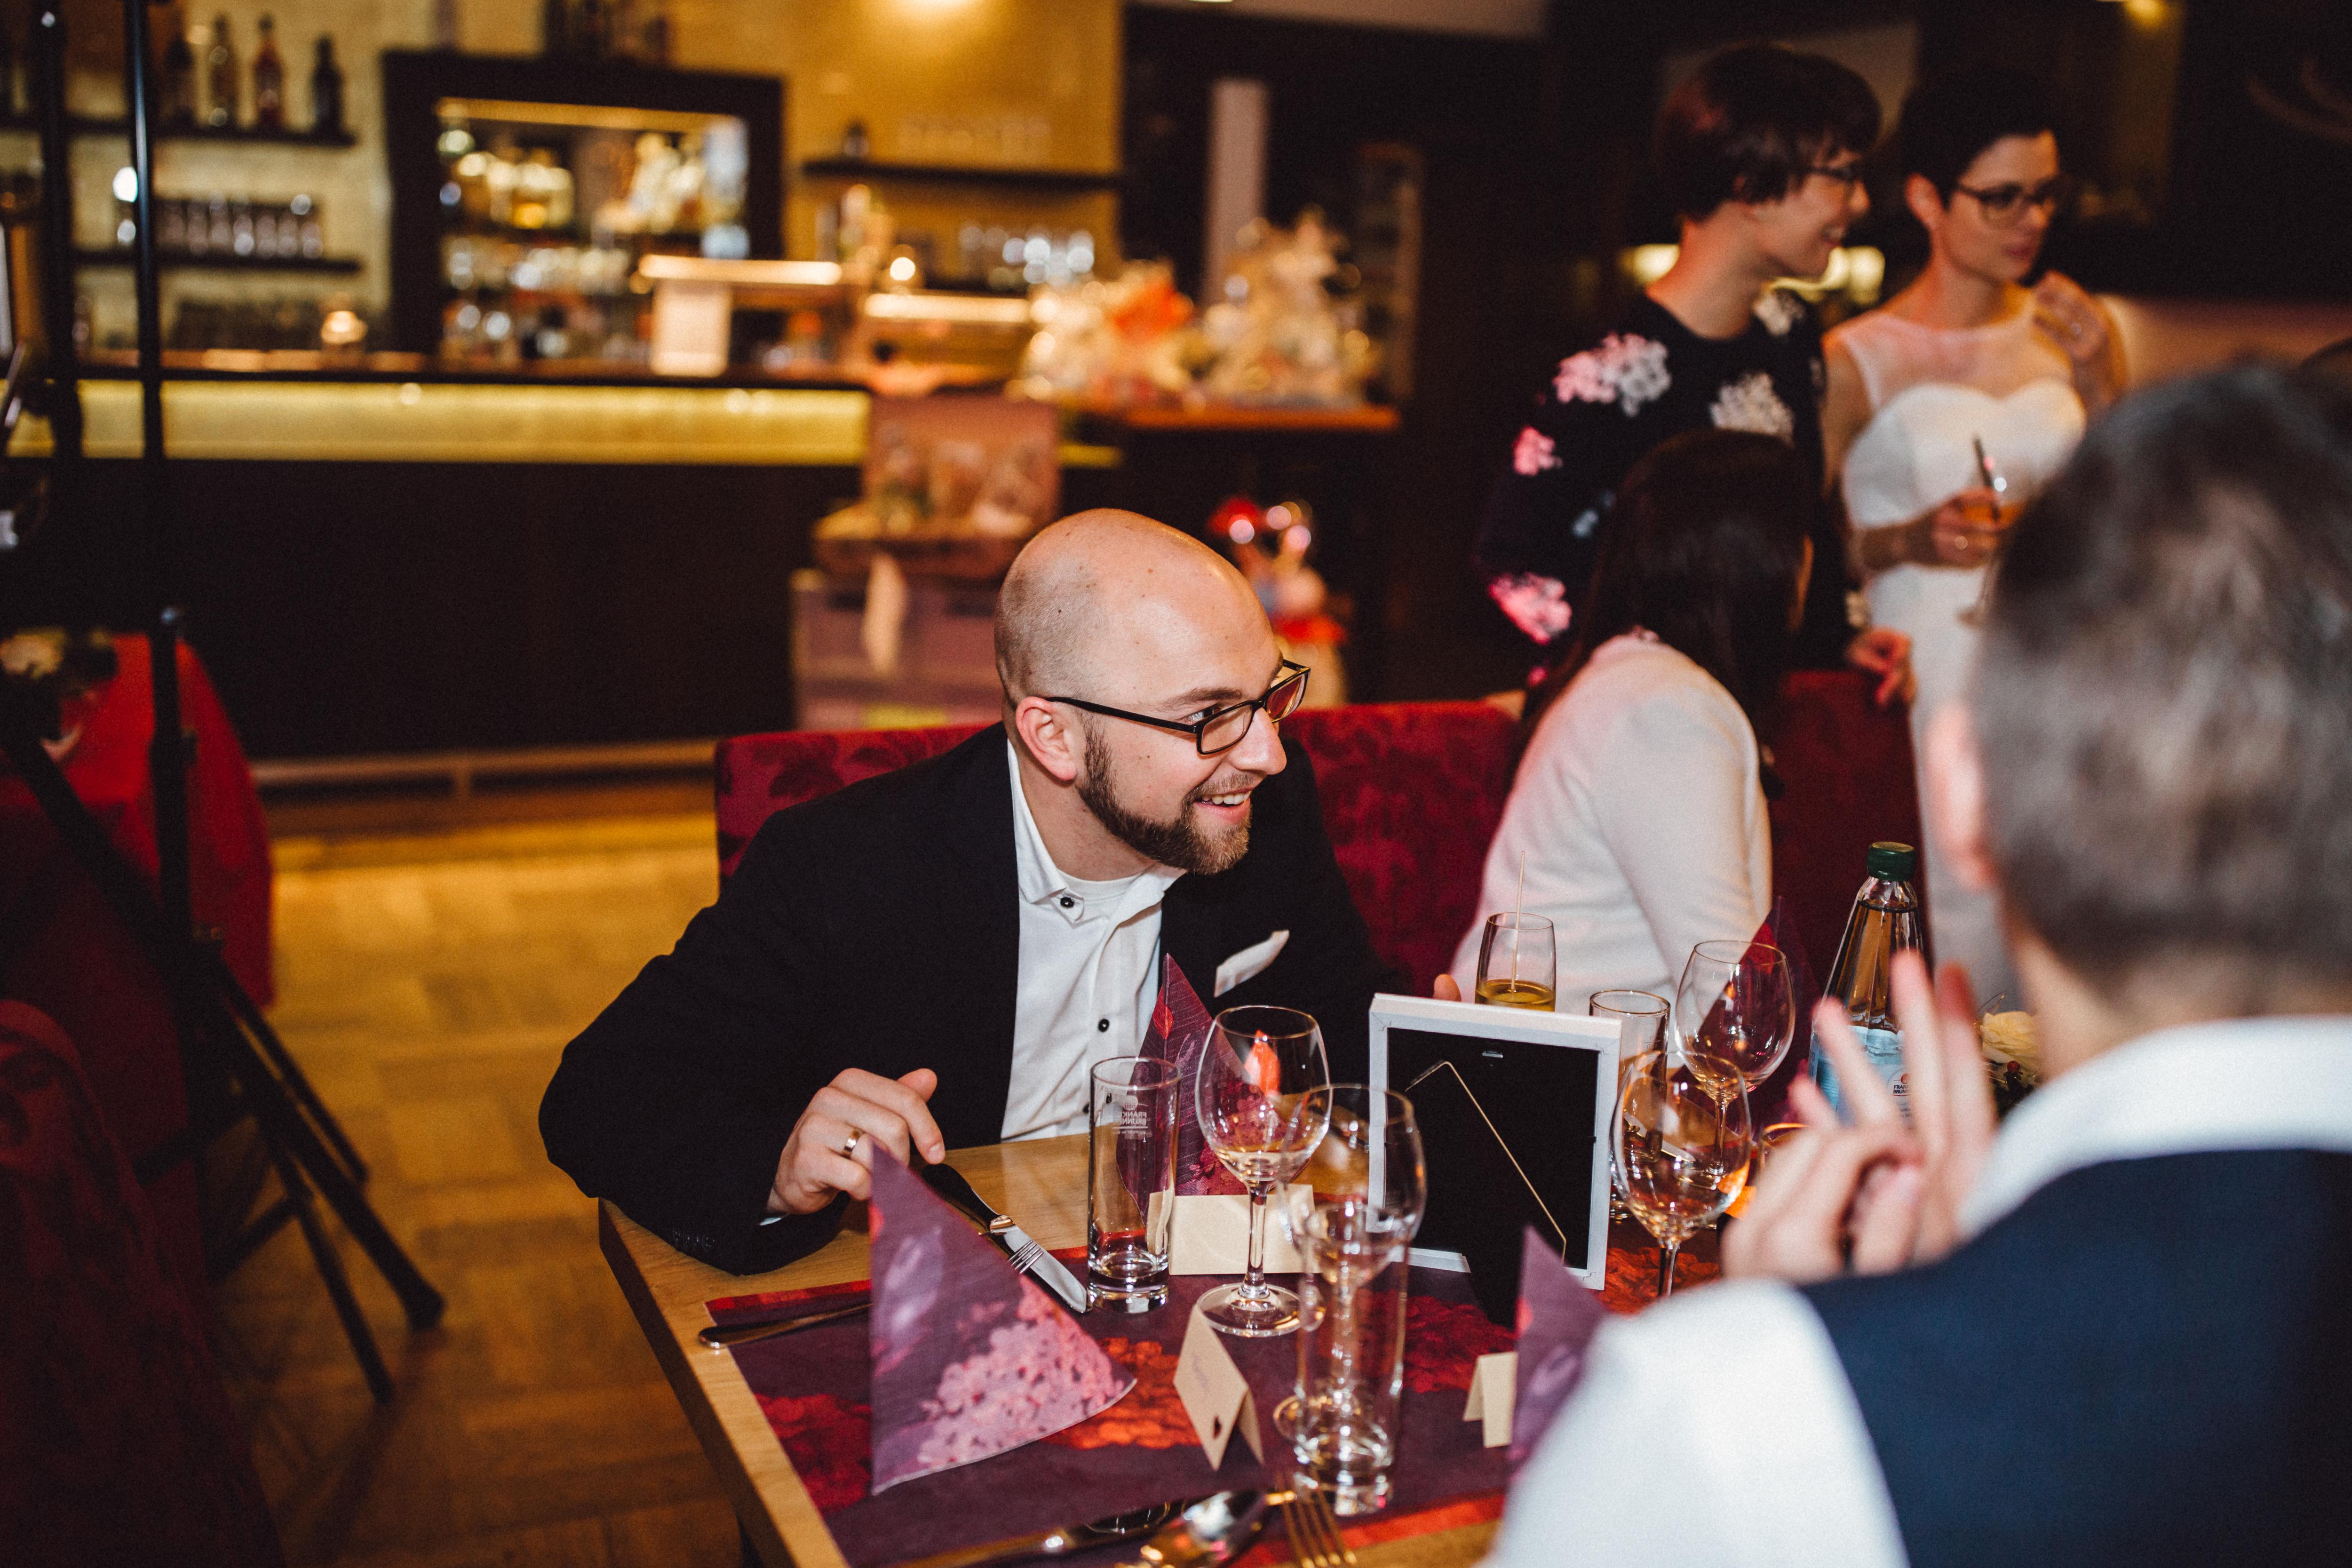 URBANERIE_Daniela_Goth_Hochzeitsfotografin_Nürnberg_Fürth_Erlangen_Schwabach_171028_0311